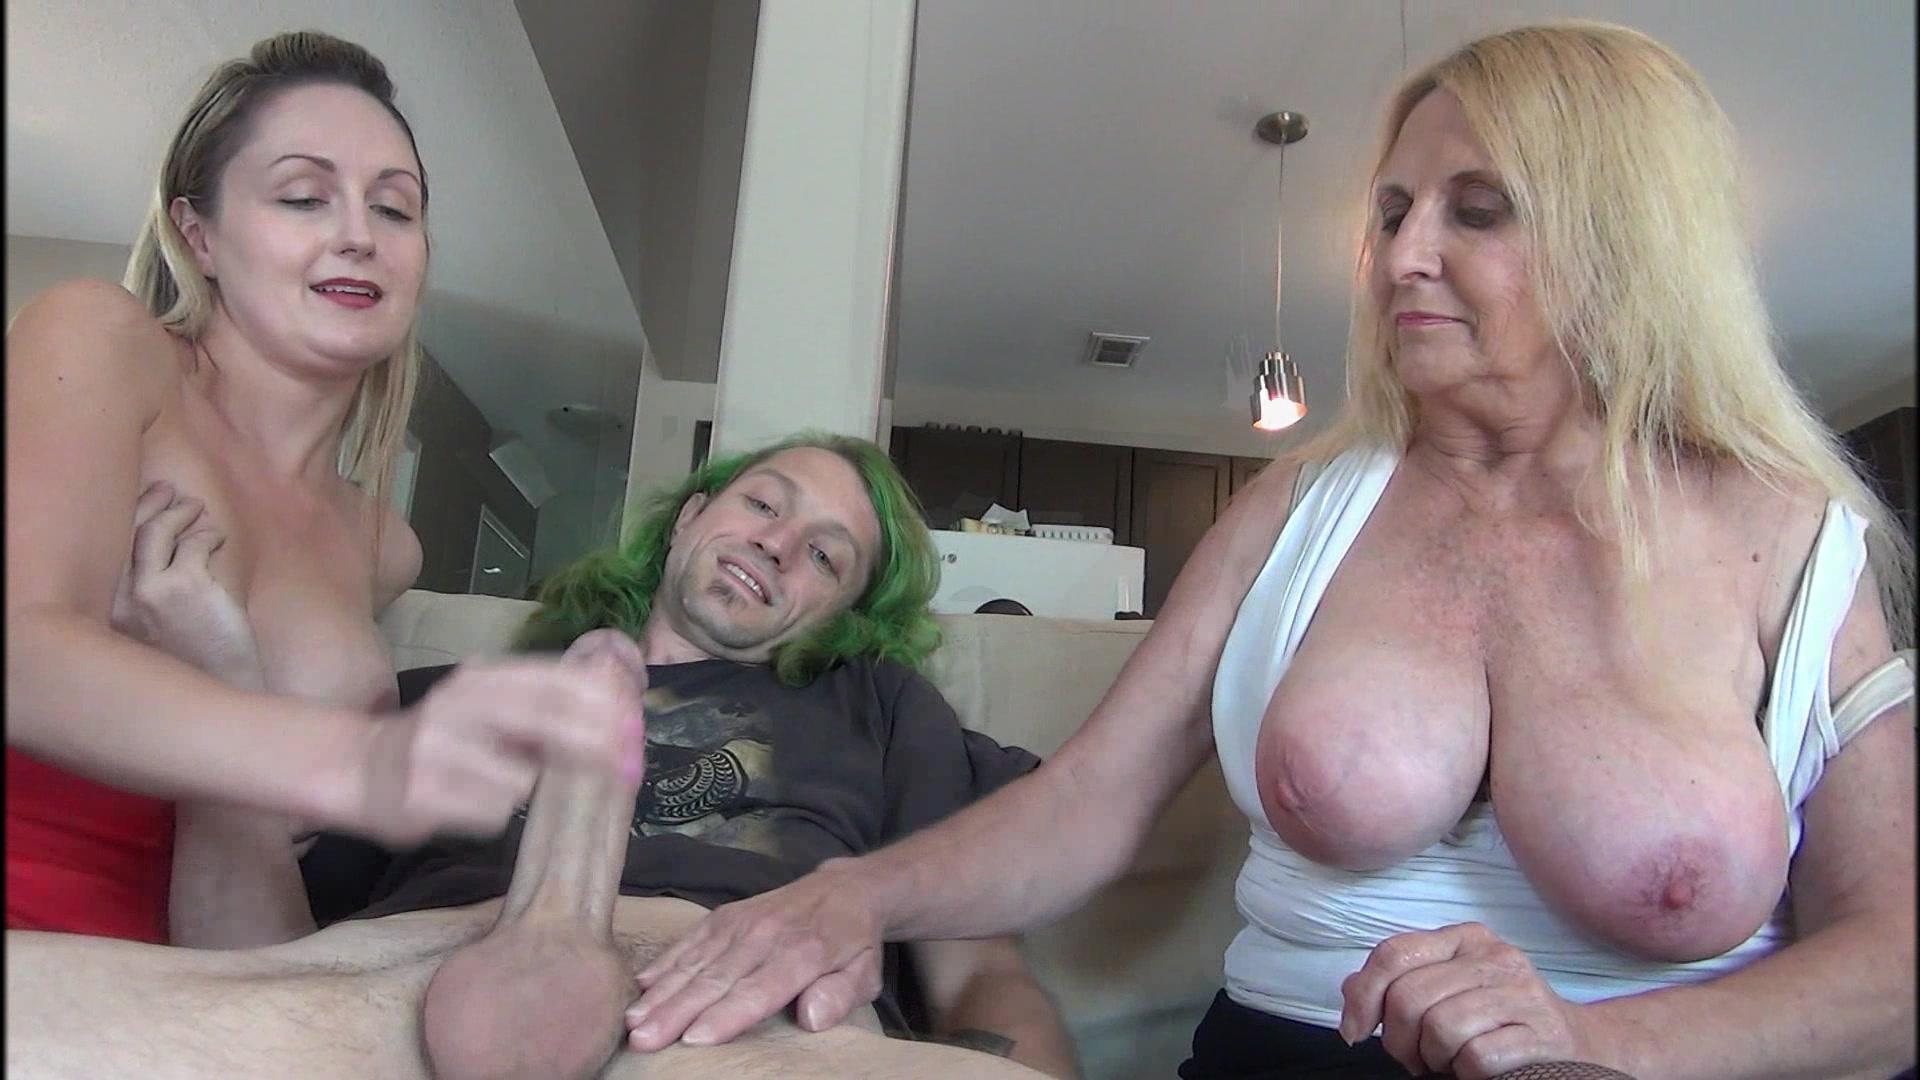 Nude mature women porn galery